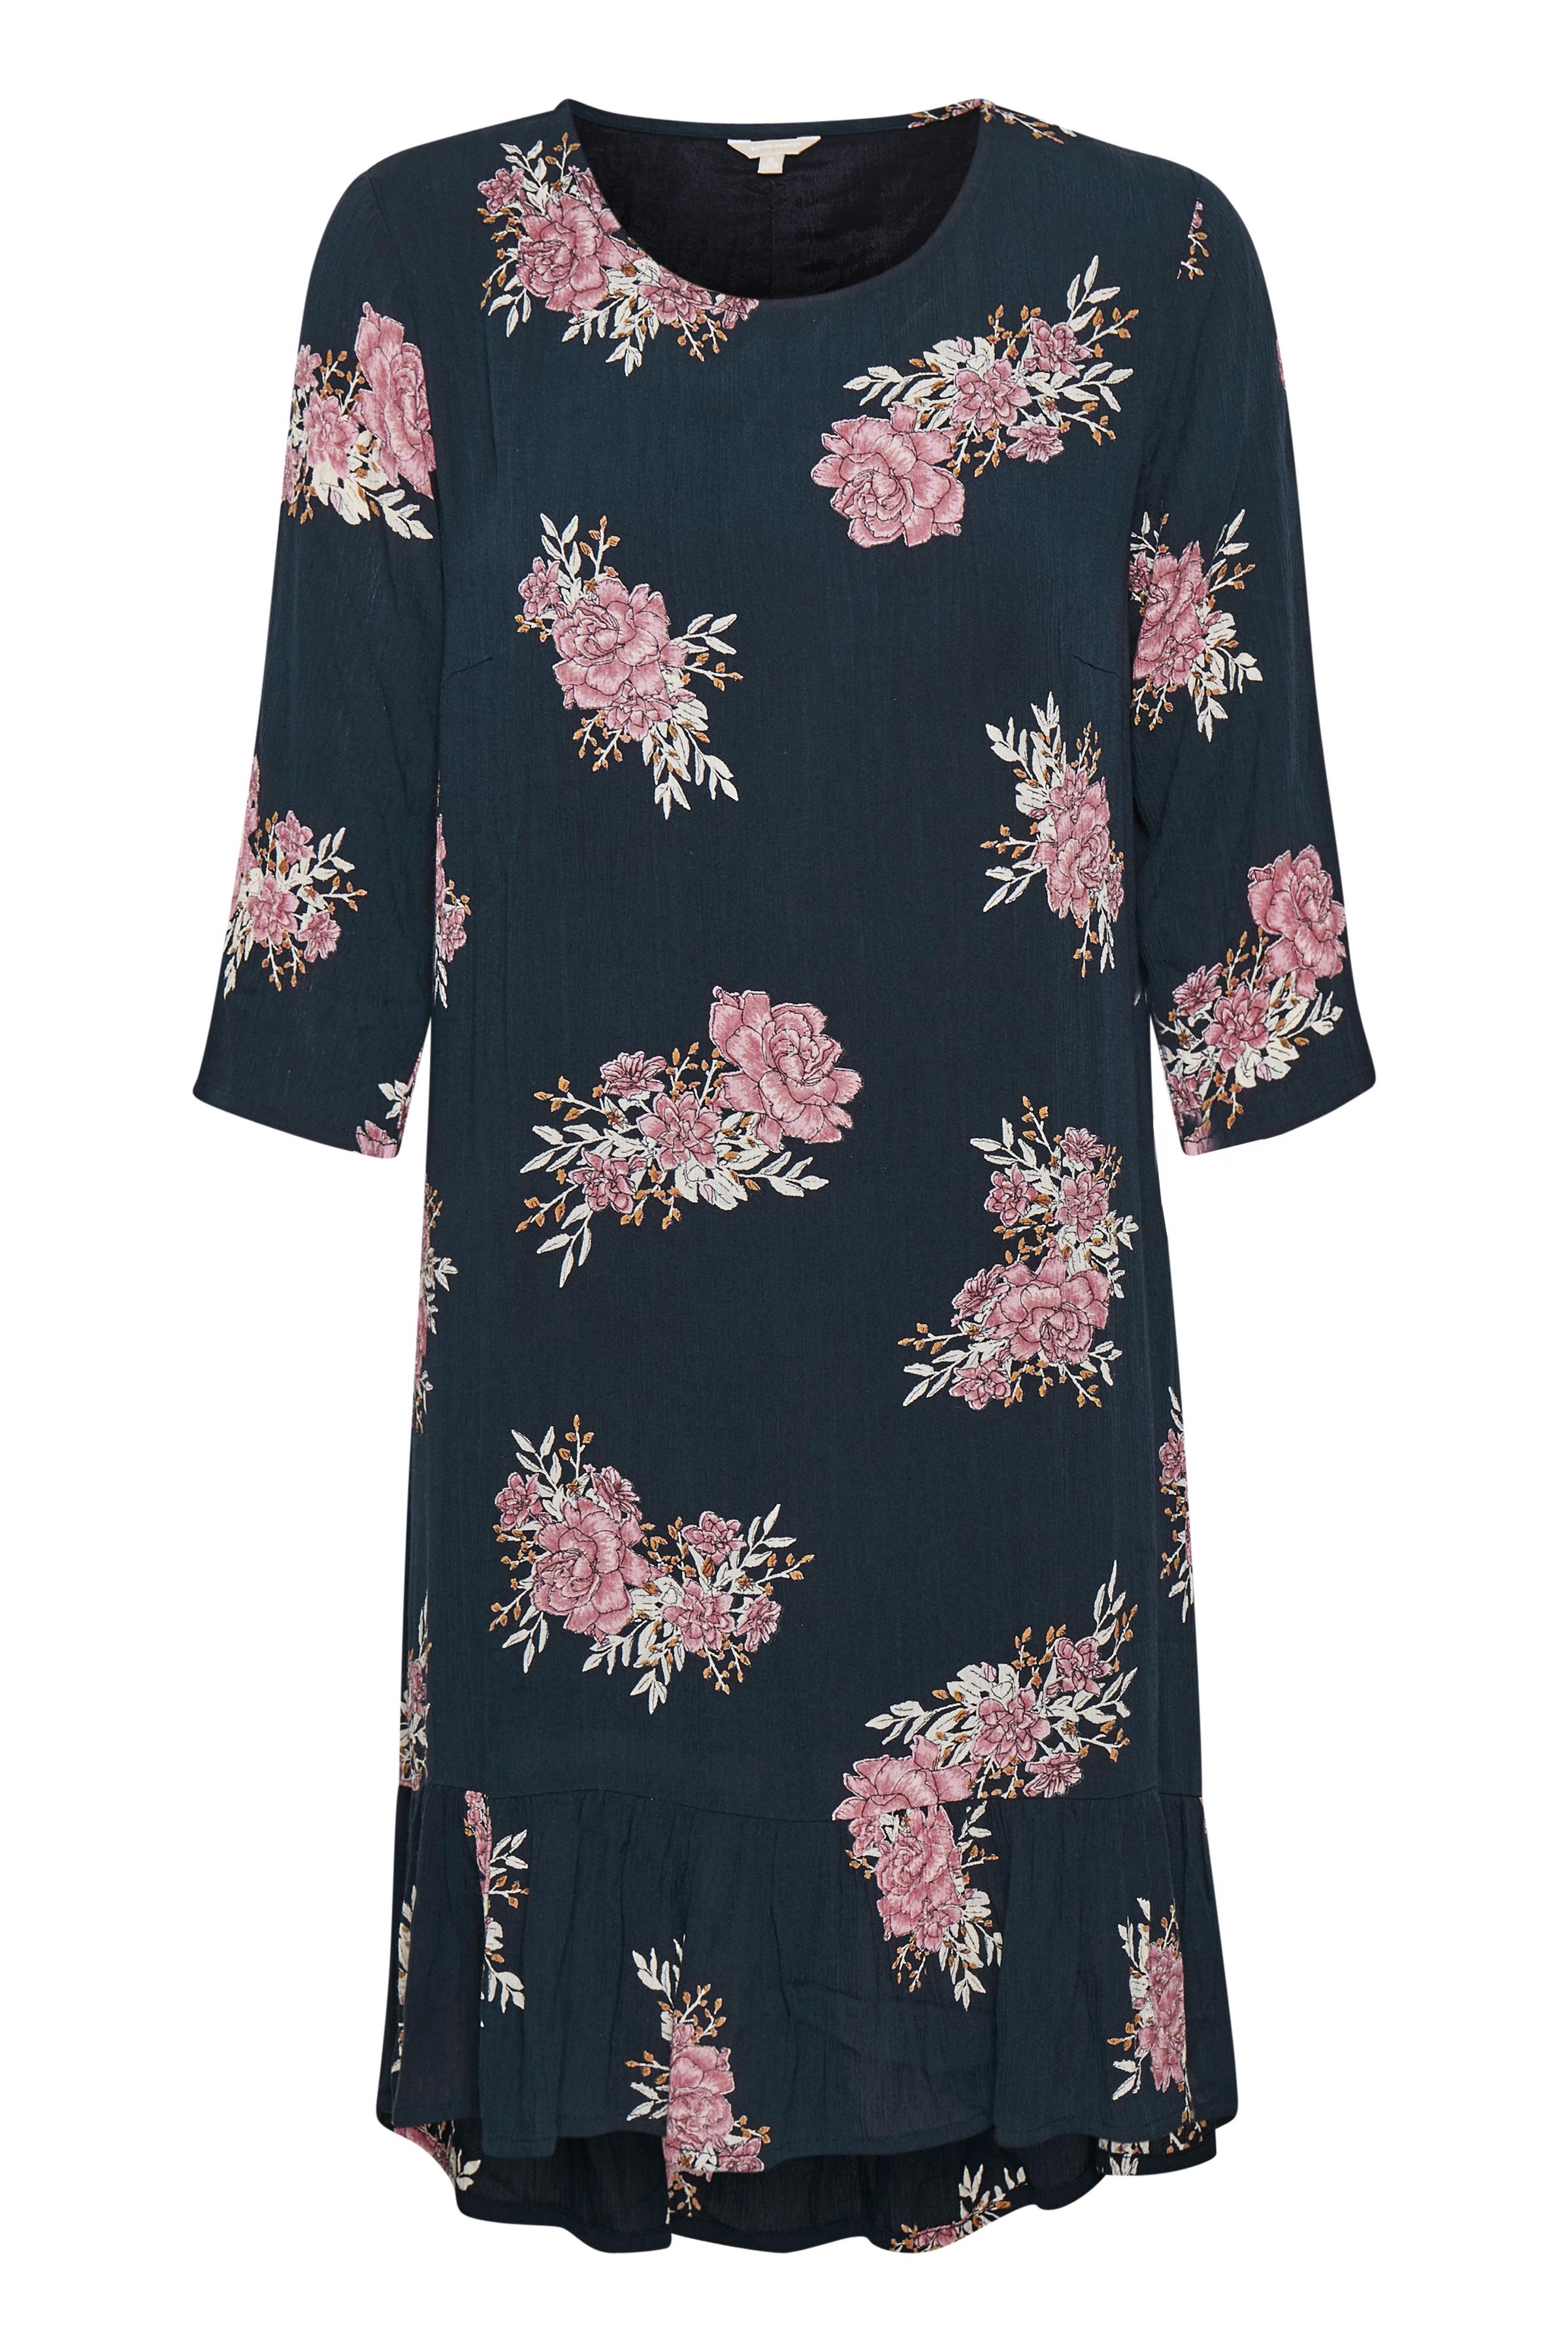 Image of BonA Parte Dame BONA PARTE kjole med rund hals. 3/4-ærmer. Gennemknappet bagtil. All-over print. Flæse forneden. Kjolen - Marineblå/rosa